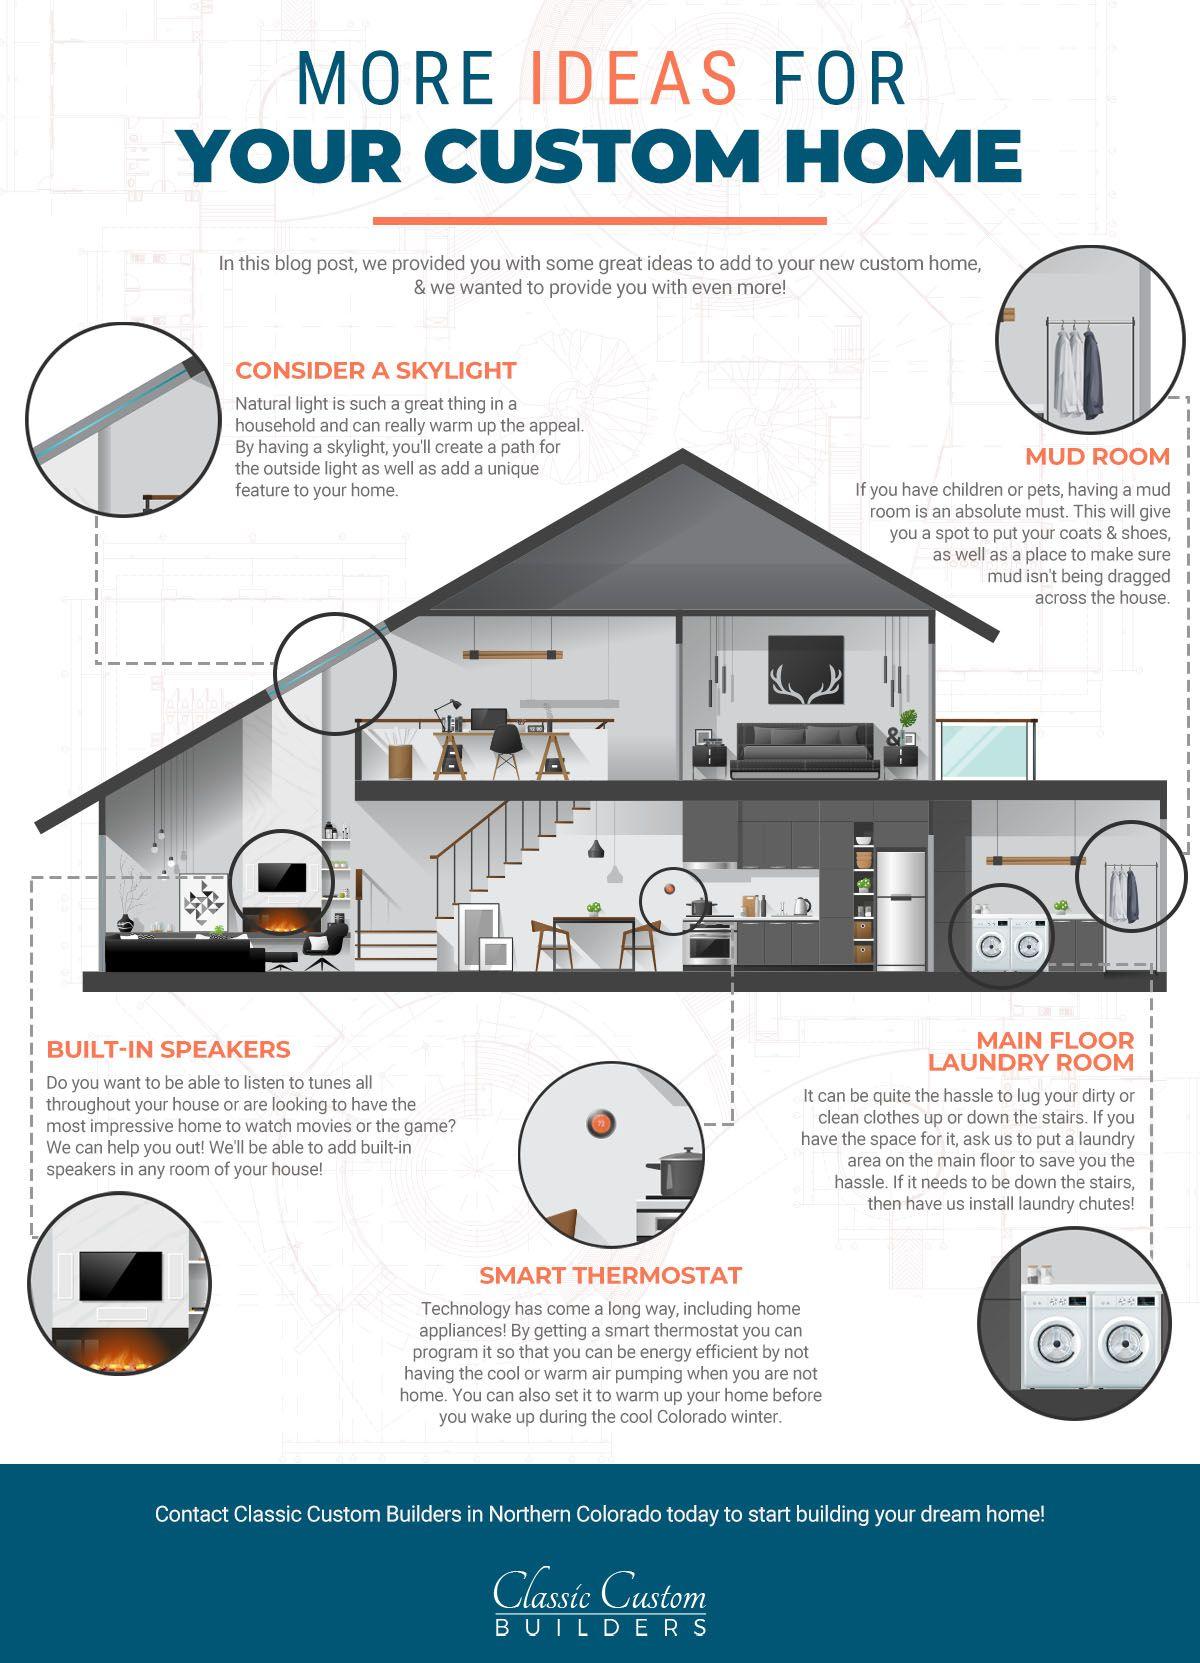 more-ideas-for-your-custom-home-5de575050e709.jpg